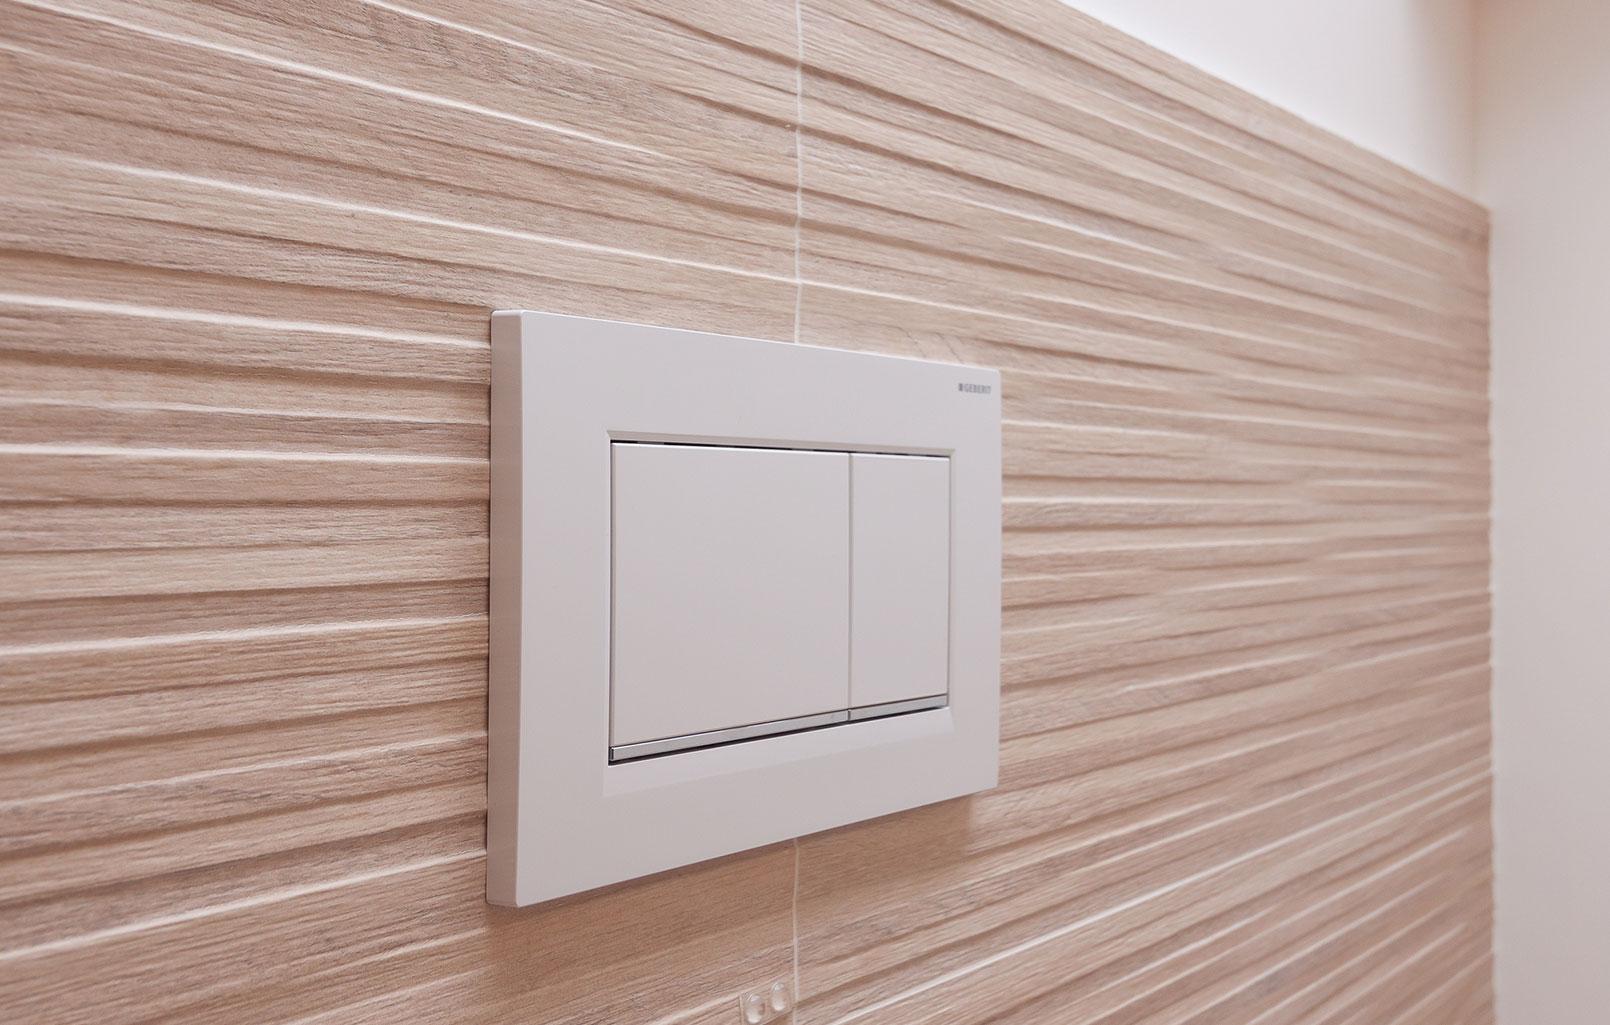 Vaihingen Innenarchitektur Lichtschalter